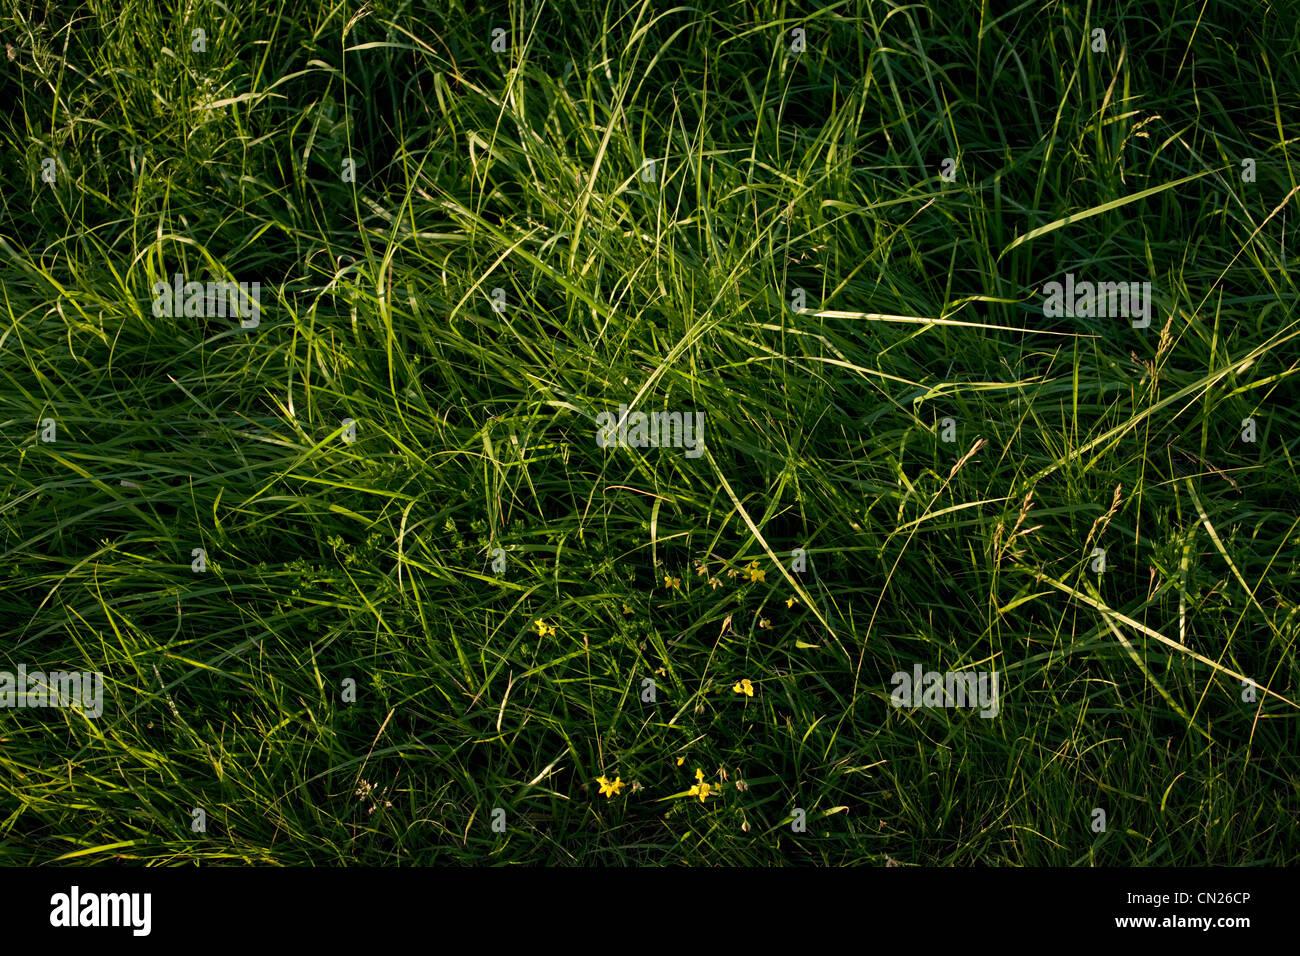 Verde erba, frame completo Immagini Stock